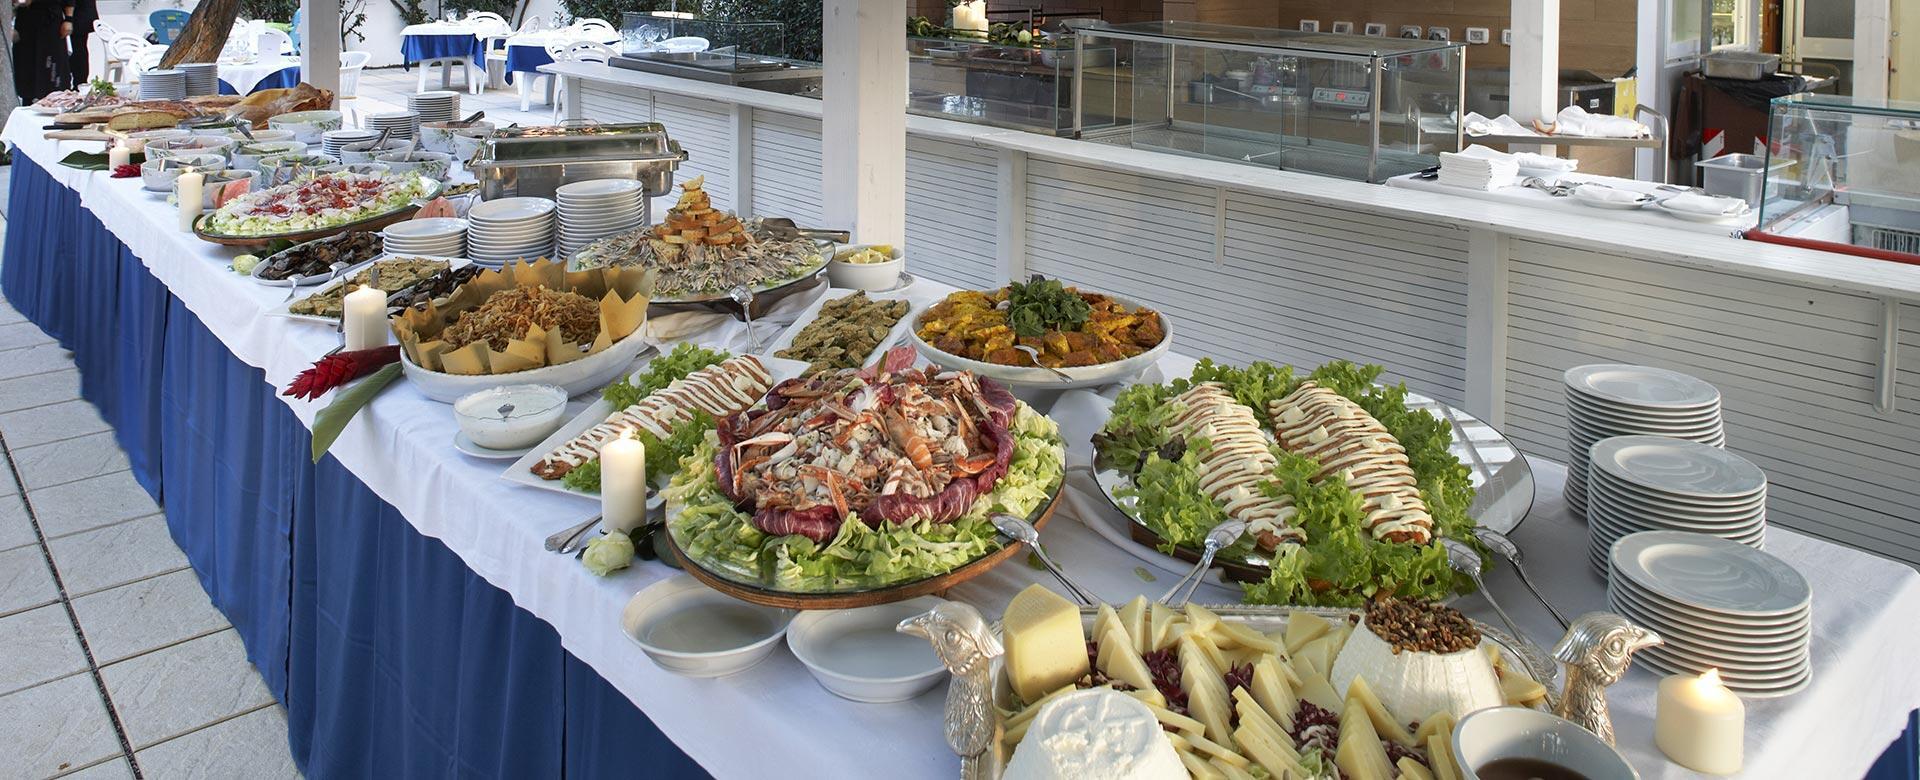 alexandraplaza en restaurant-banquets-sea-riccione 005